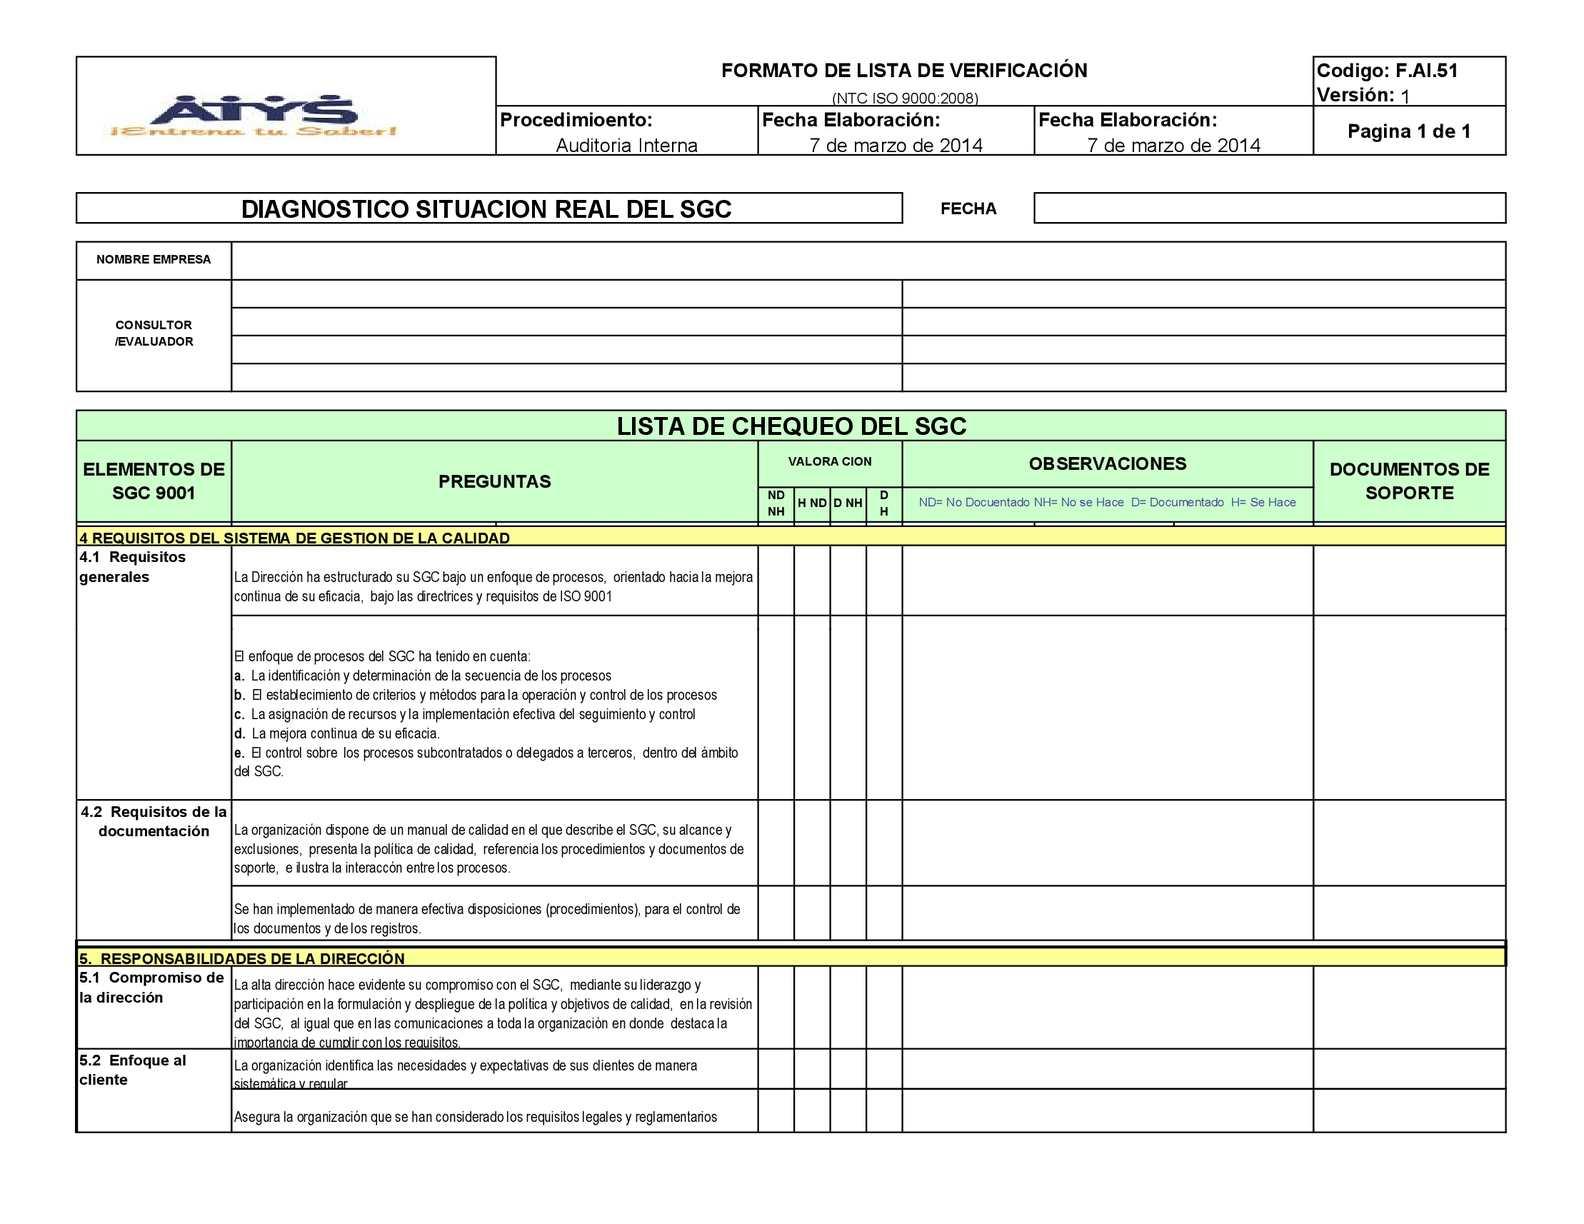 Calaméo - F.AI.51 Formato Lista de Verificación ISO 9000